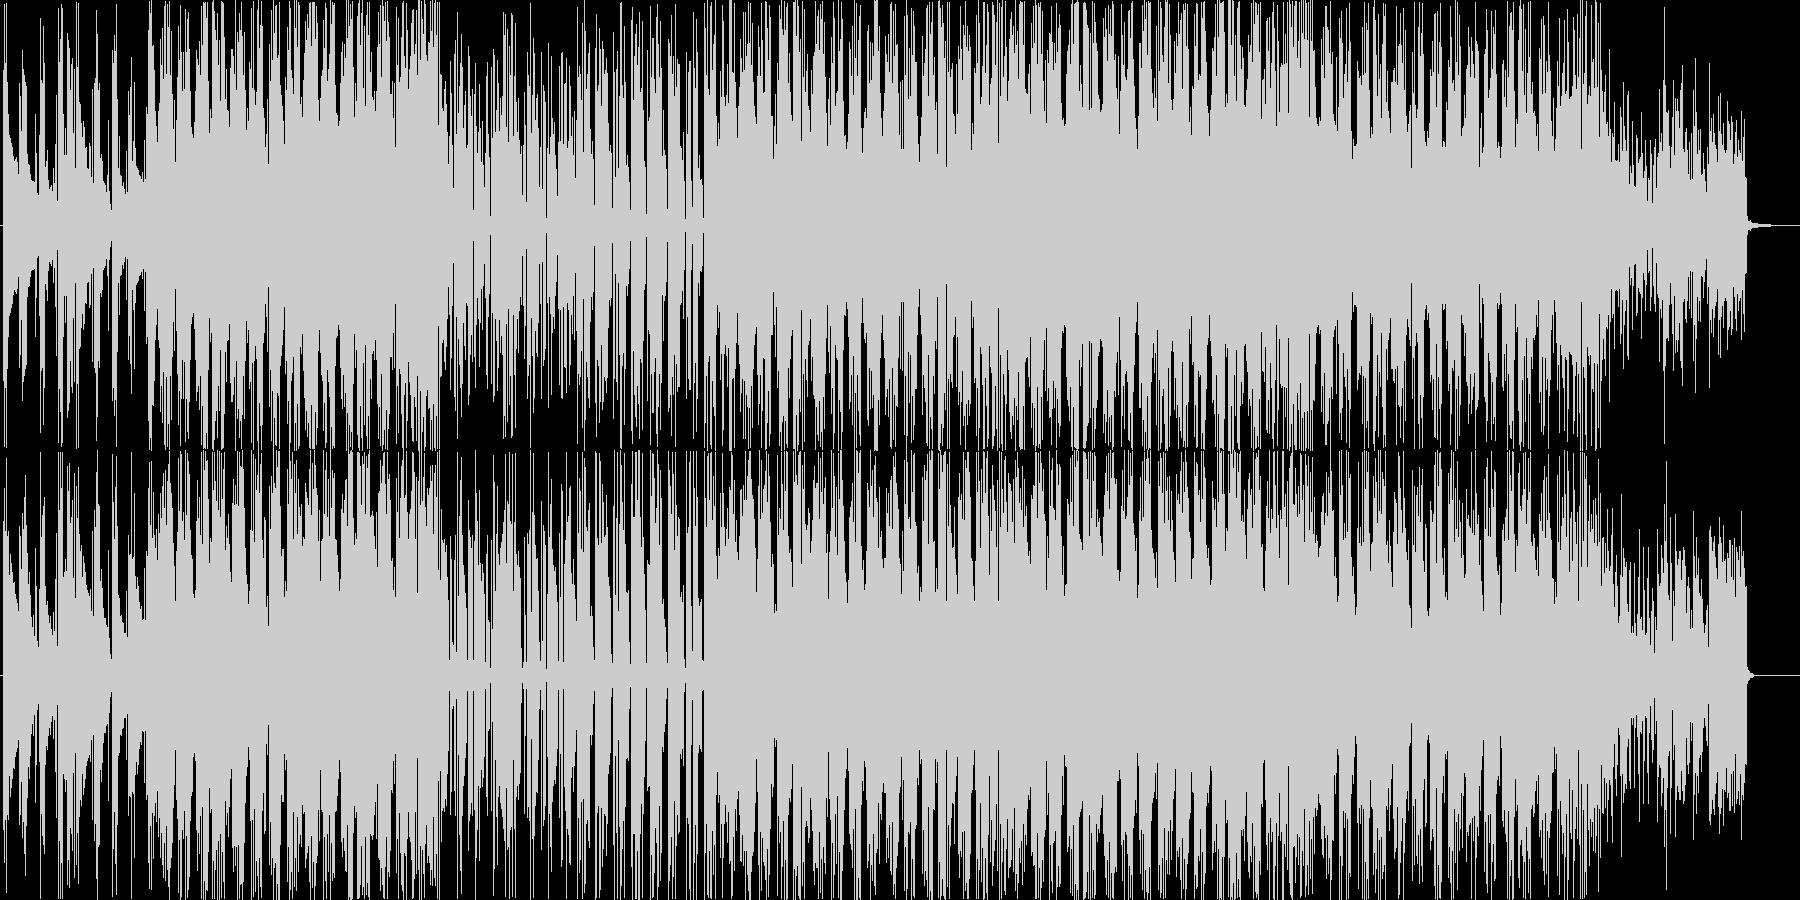 アコギのアルペジオが特徴の切ない系BGMの未再生の波形